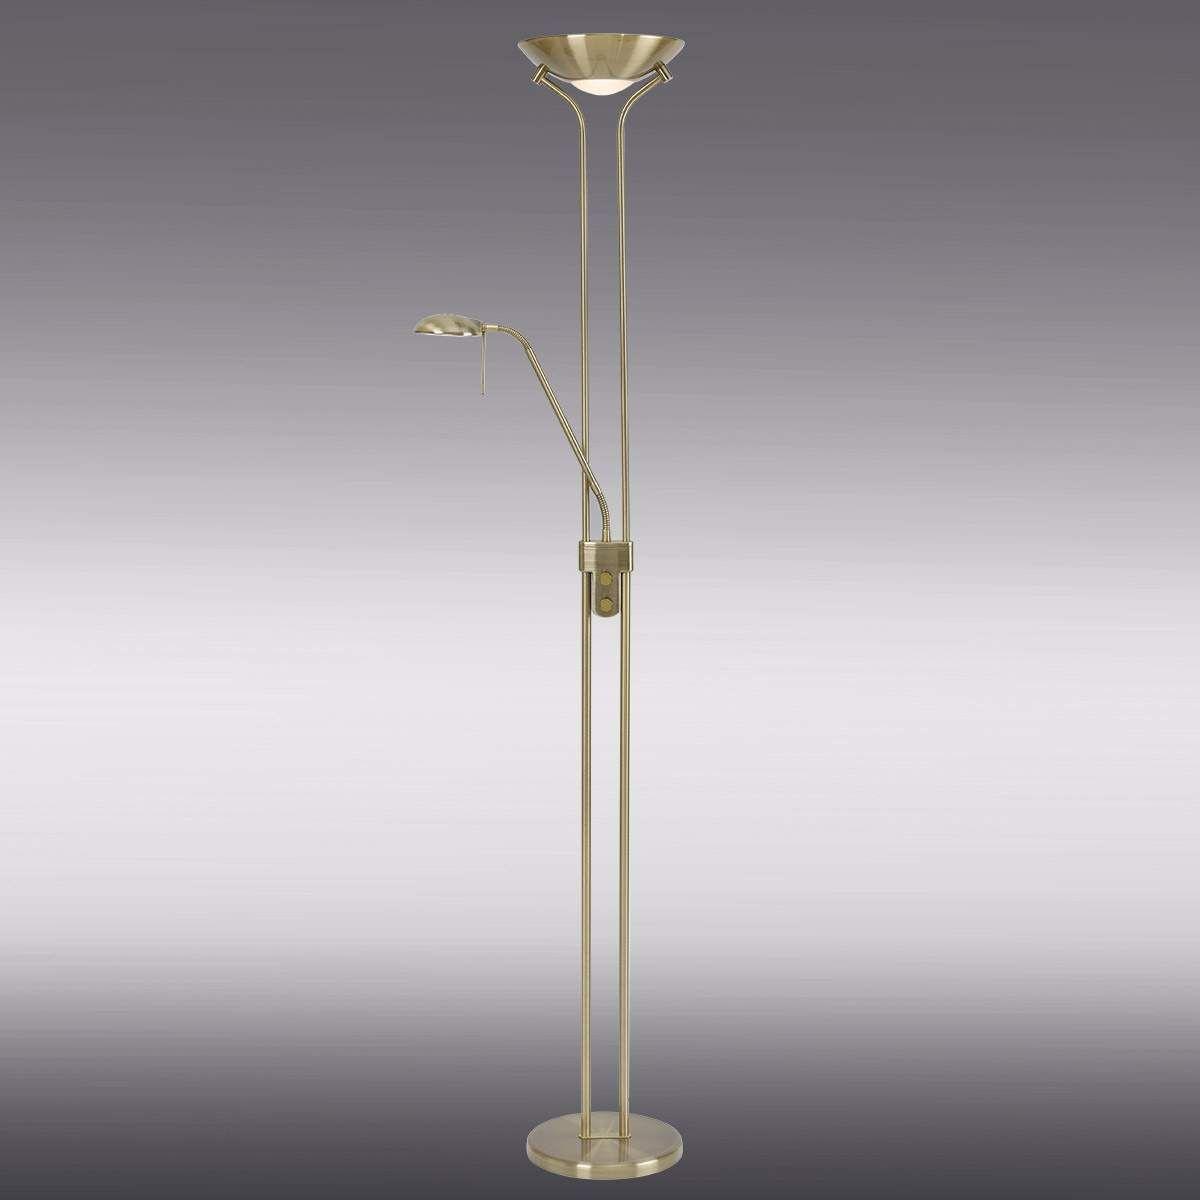 Globo Stehleuchte Design silber Stehlampe Leseleuchte Lampe Wohnzimmer Wohnraum